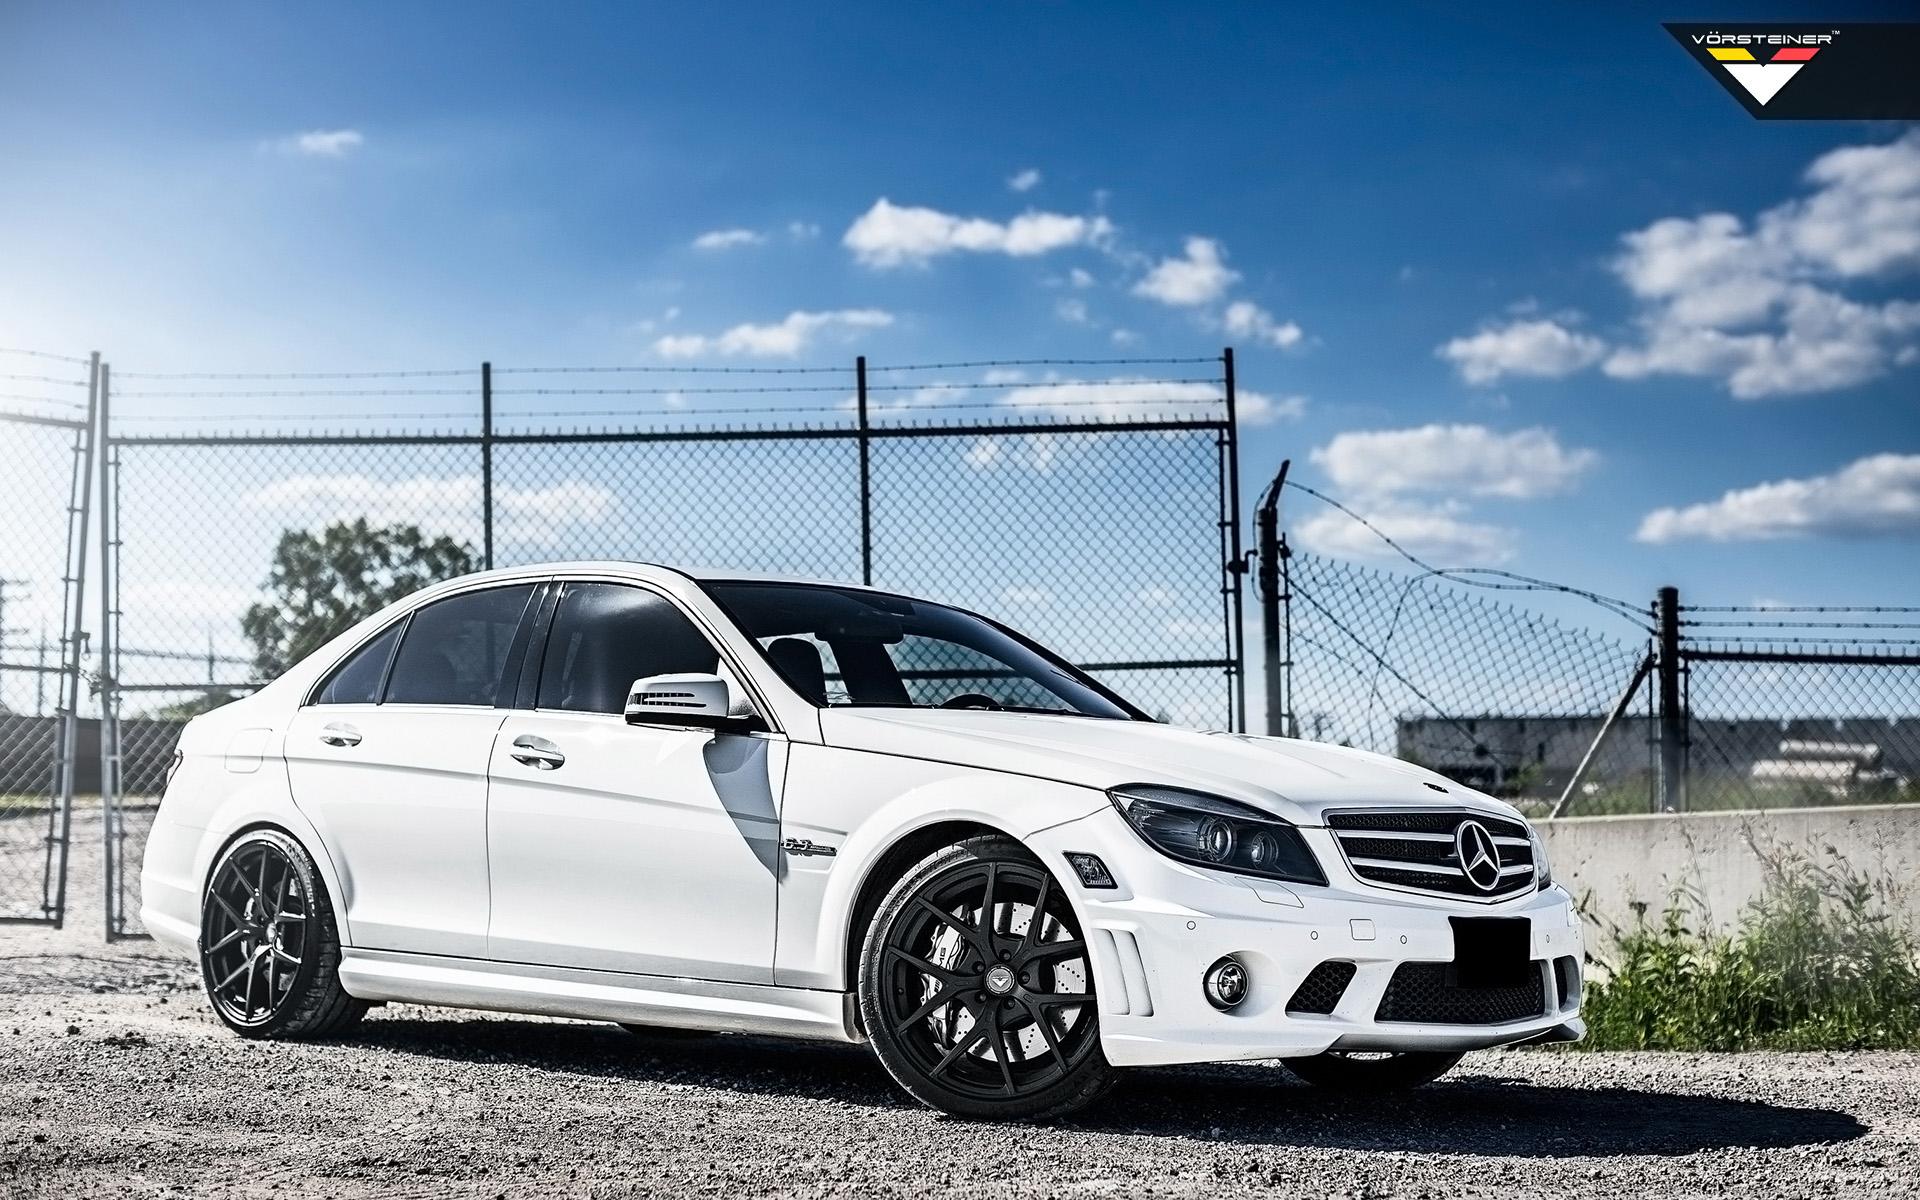 2014 vorsteiner mercedes benz c63 amg wallpaper hd car for Mercedes benz c63 amg 2014